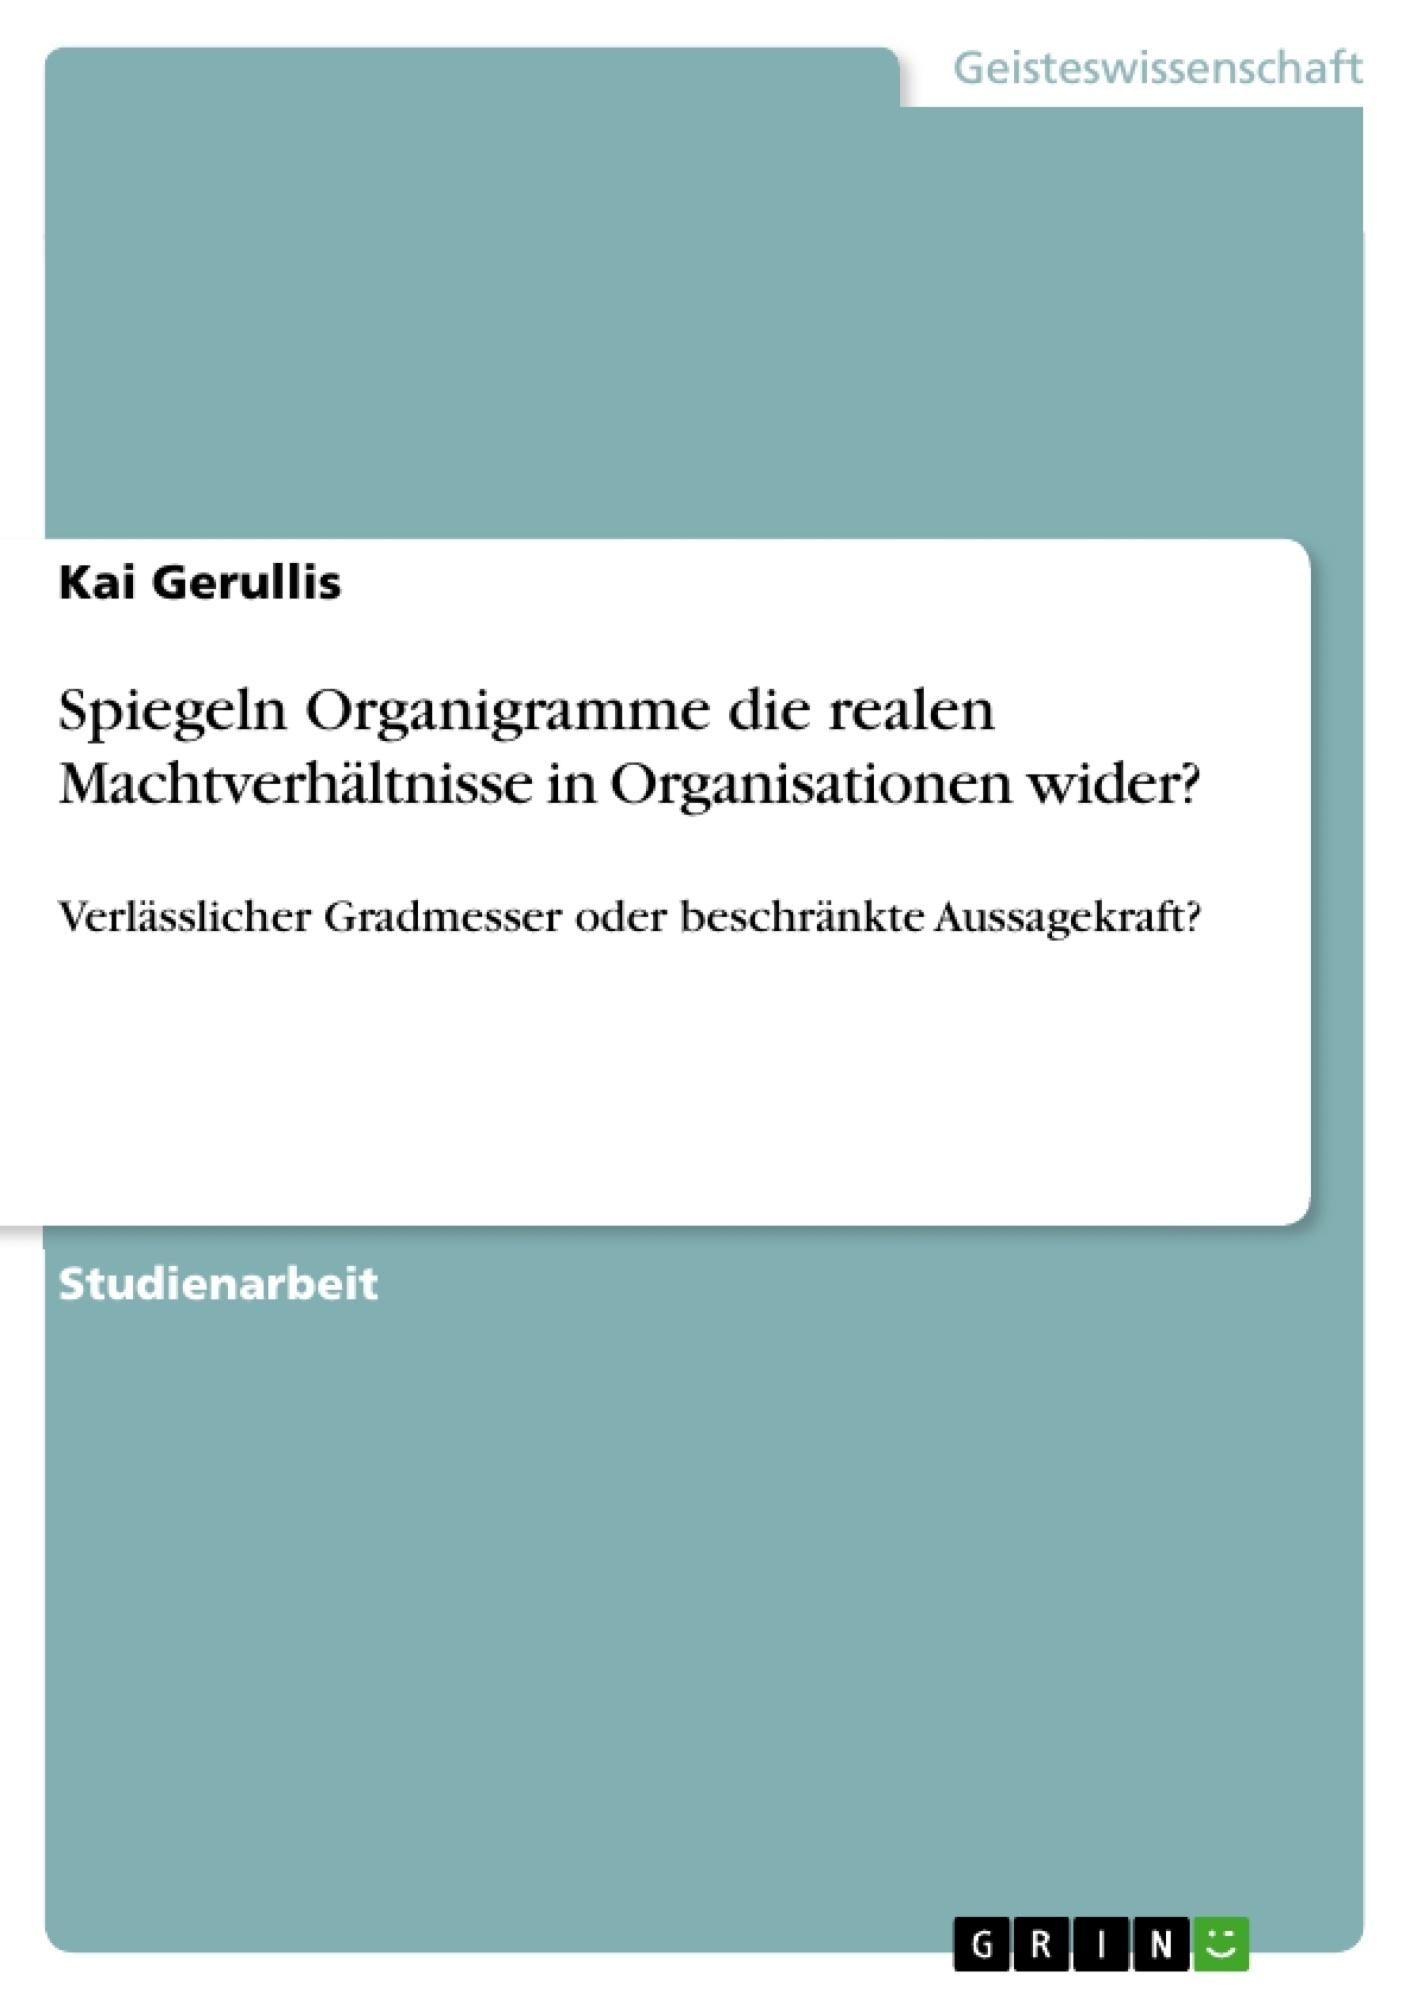 Titel: Spiegeln Organigramme die realen Machtverhältnisse in Organisationen wider?